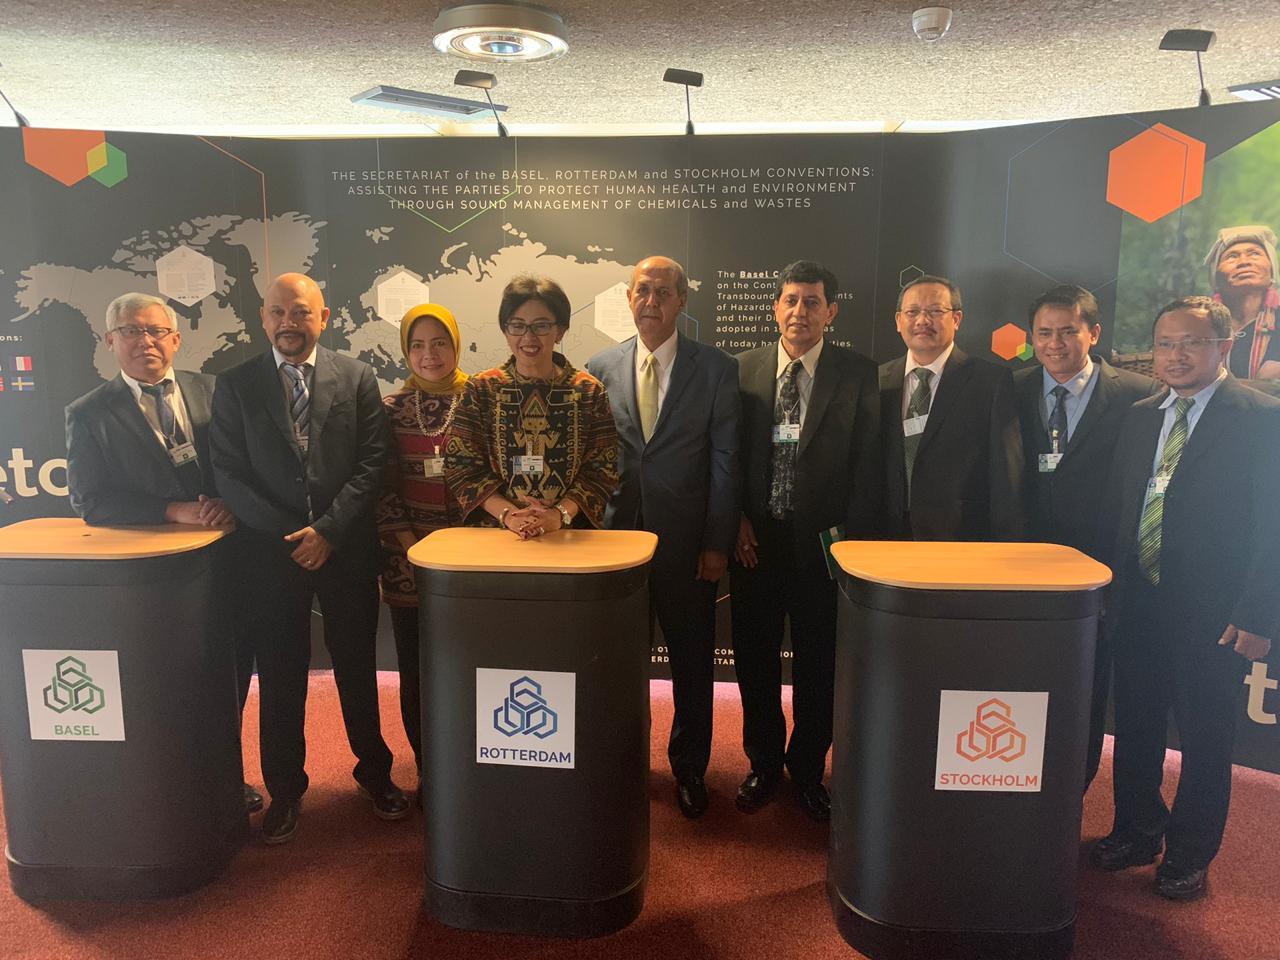 Delegasi RI Berperan Aktif dalam Konferensi Para Pihak (COP) Konvensi Basel, Rotterdam dan Stockholm